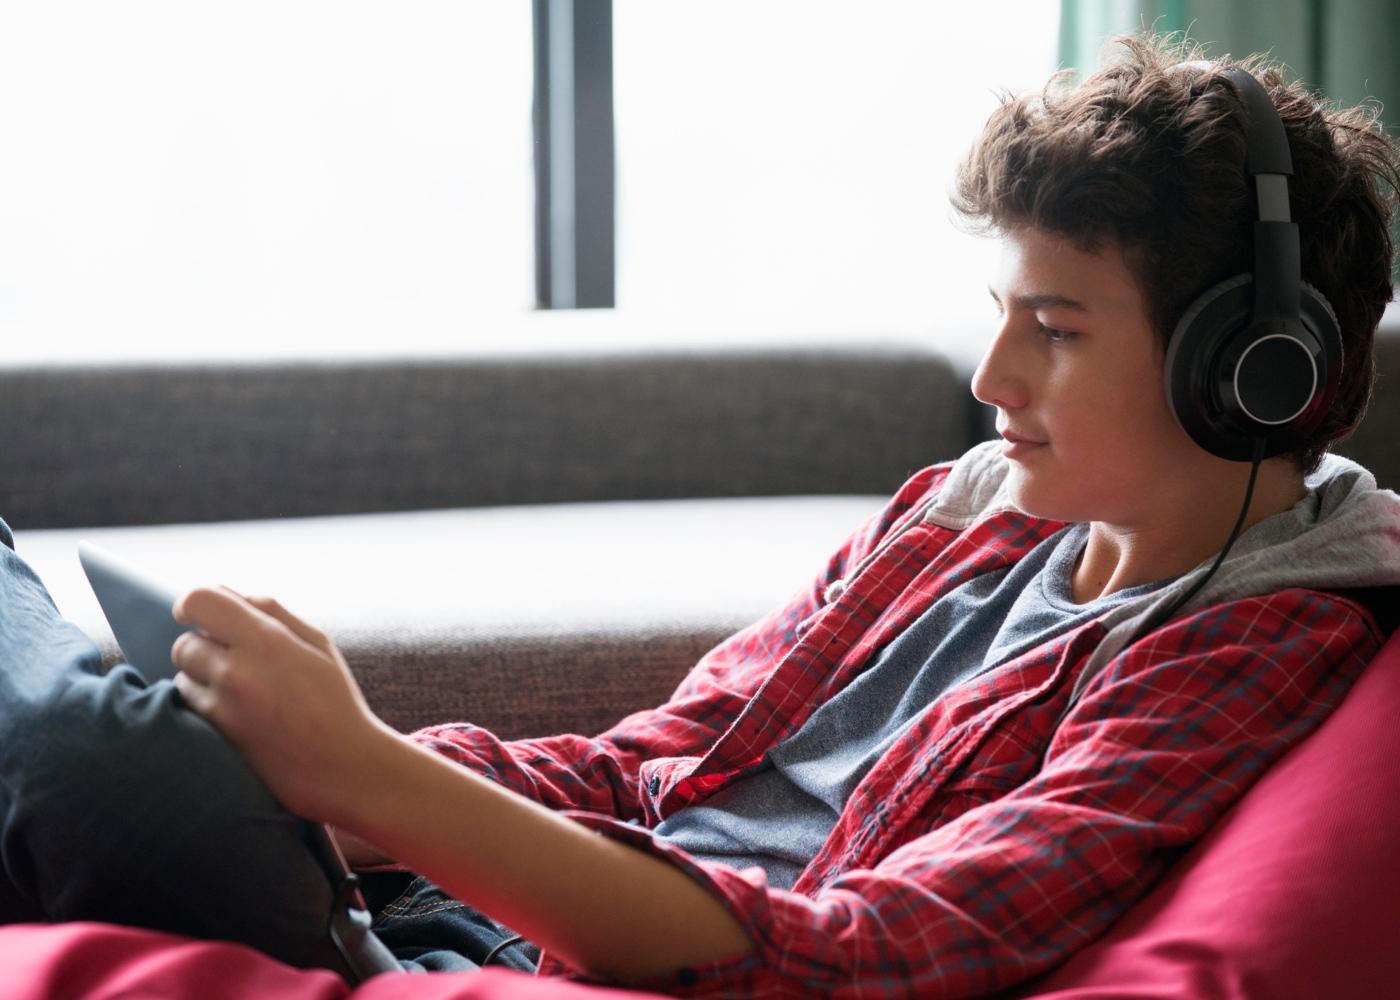 Adolescente a ouvir música com headphones